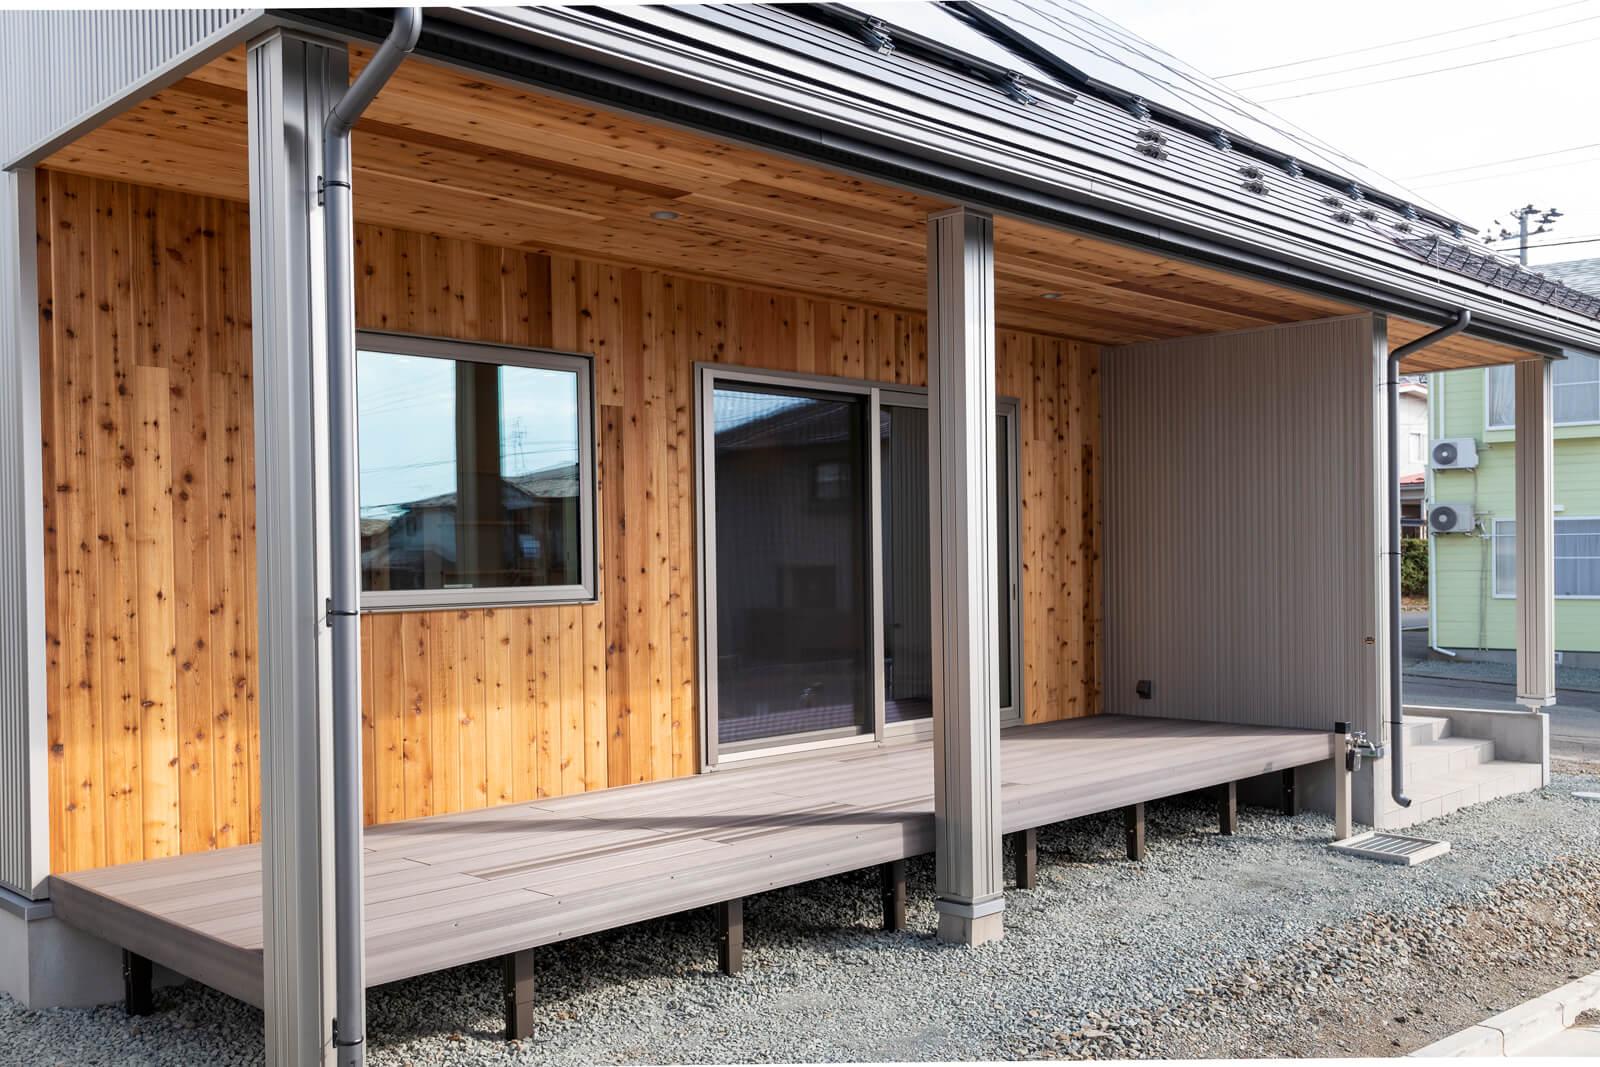 リゾート地の別荘をイメージに取り込んだレッドシダーの外壁は、メンテナンスもしやすく、シルバーに経年変化していく